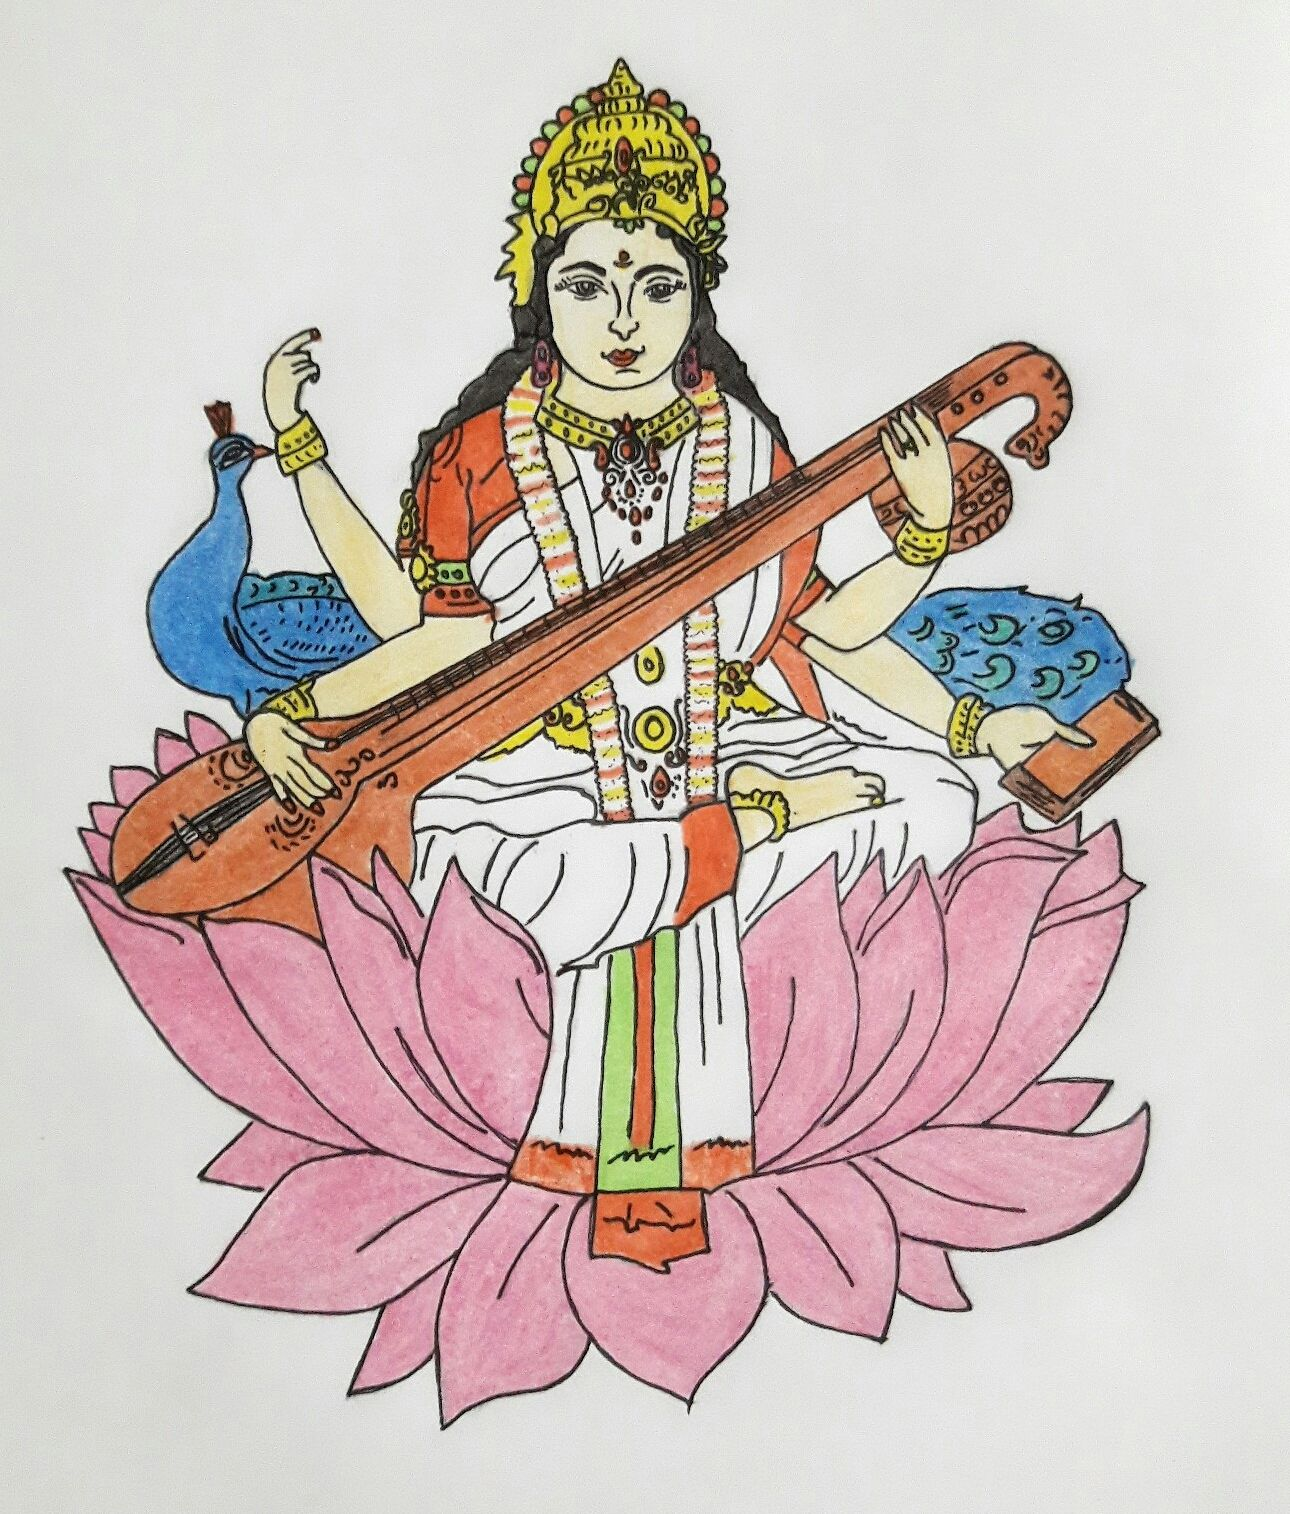 Saraswati by obssydian (มีรูปภาพ)   อะนิเมะ, อินเดีย